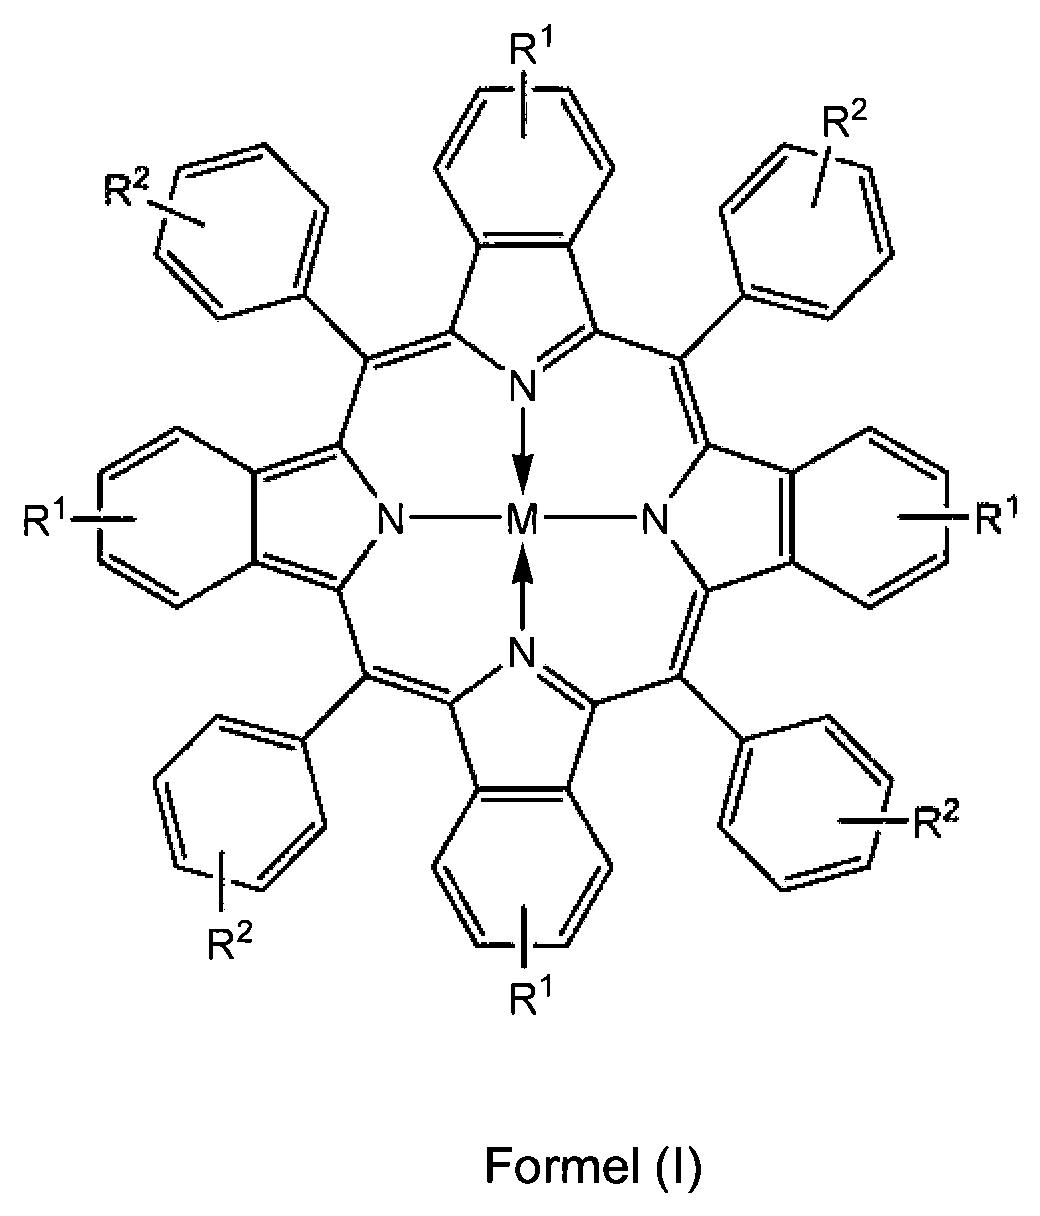 Figure DE102016119810A1_0001